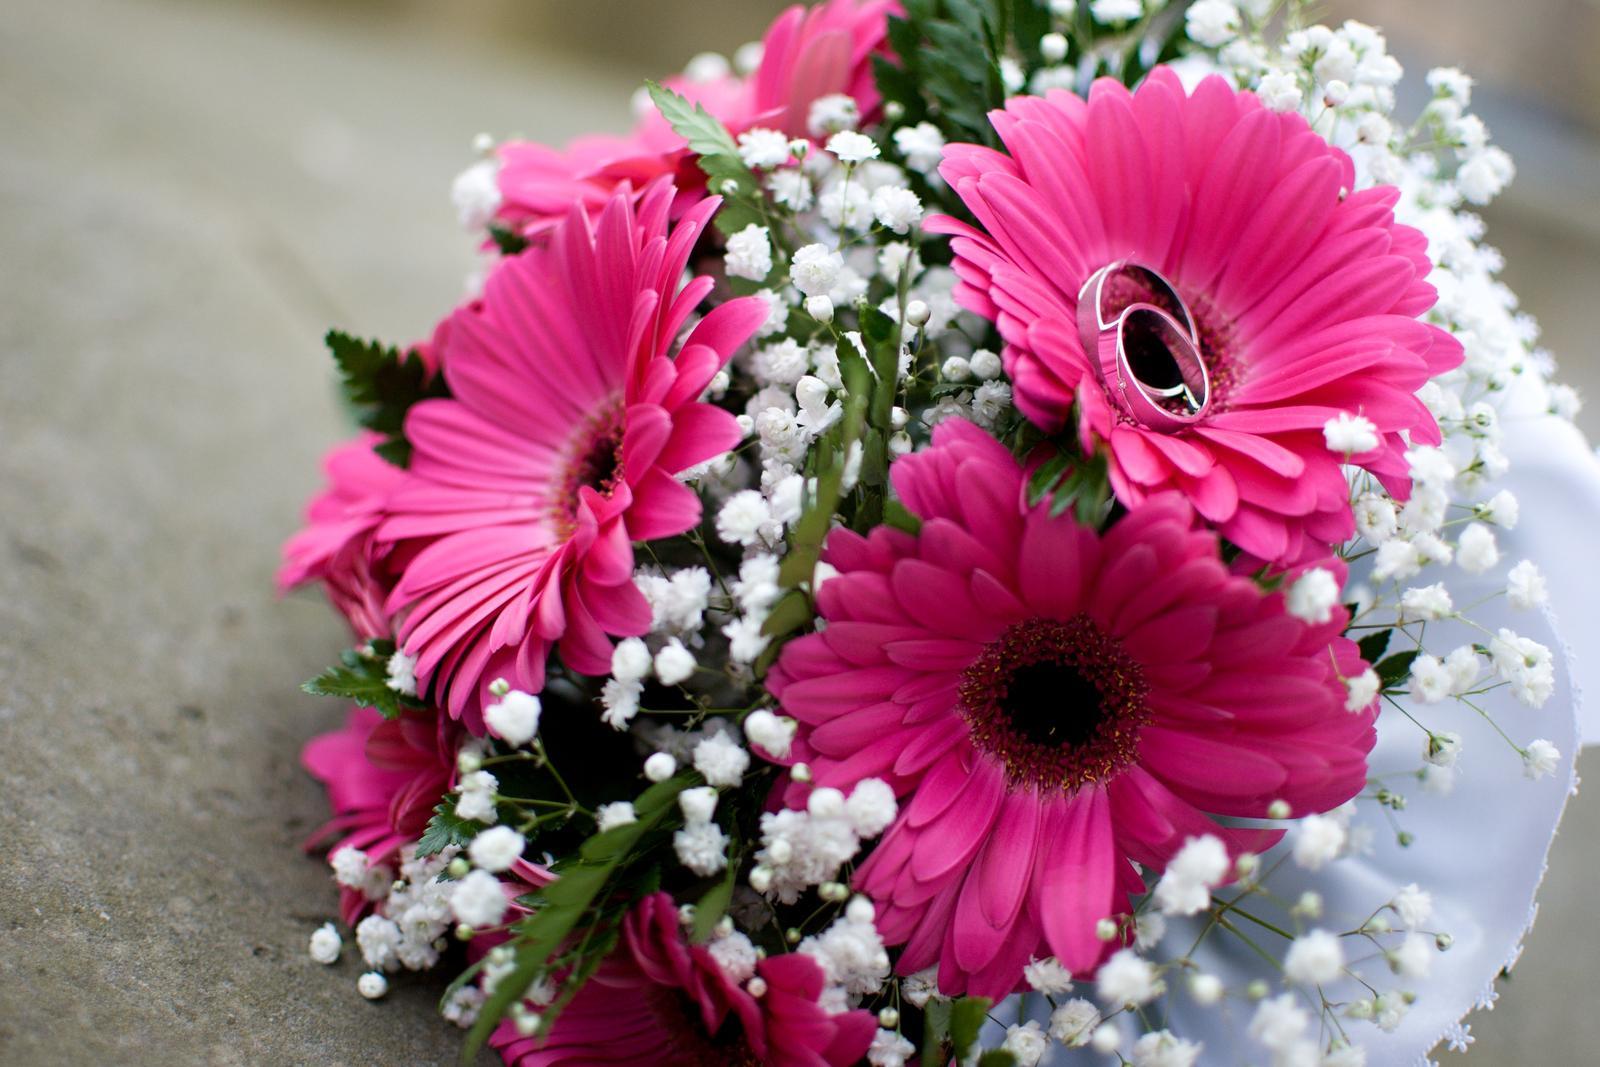 6. črc 2015 v 18 41 • Svatba byla v září 2017 • Odpověz • To se mi líbí • a882ae98a6